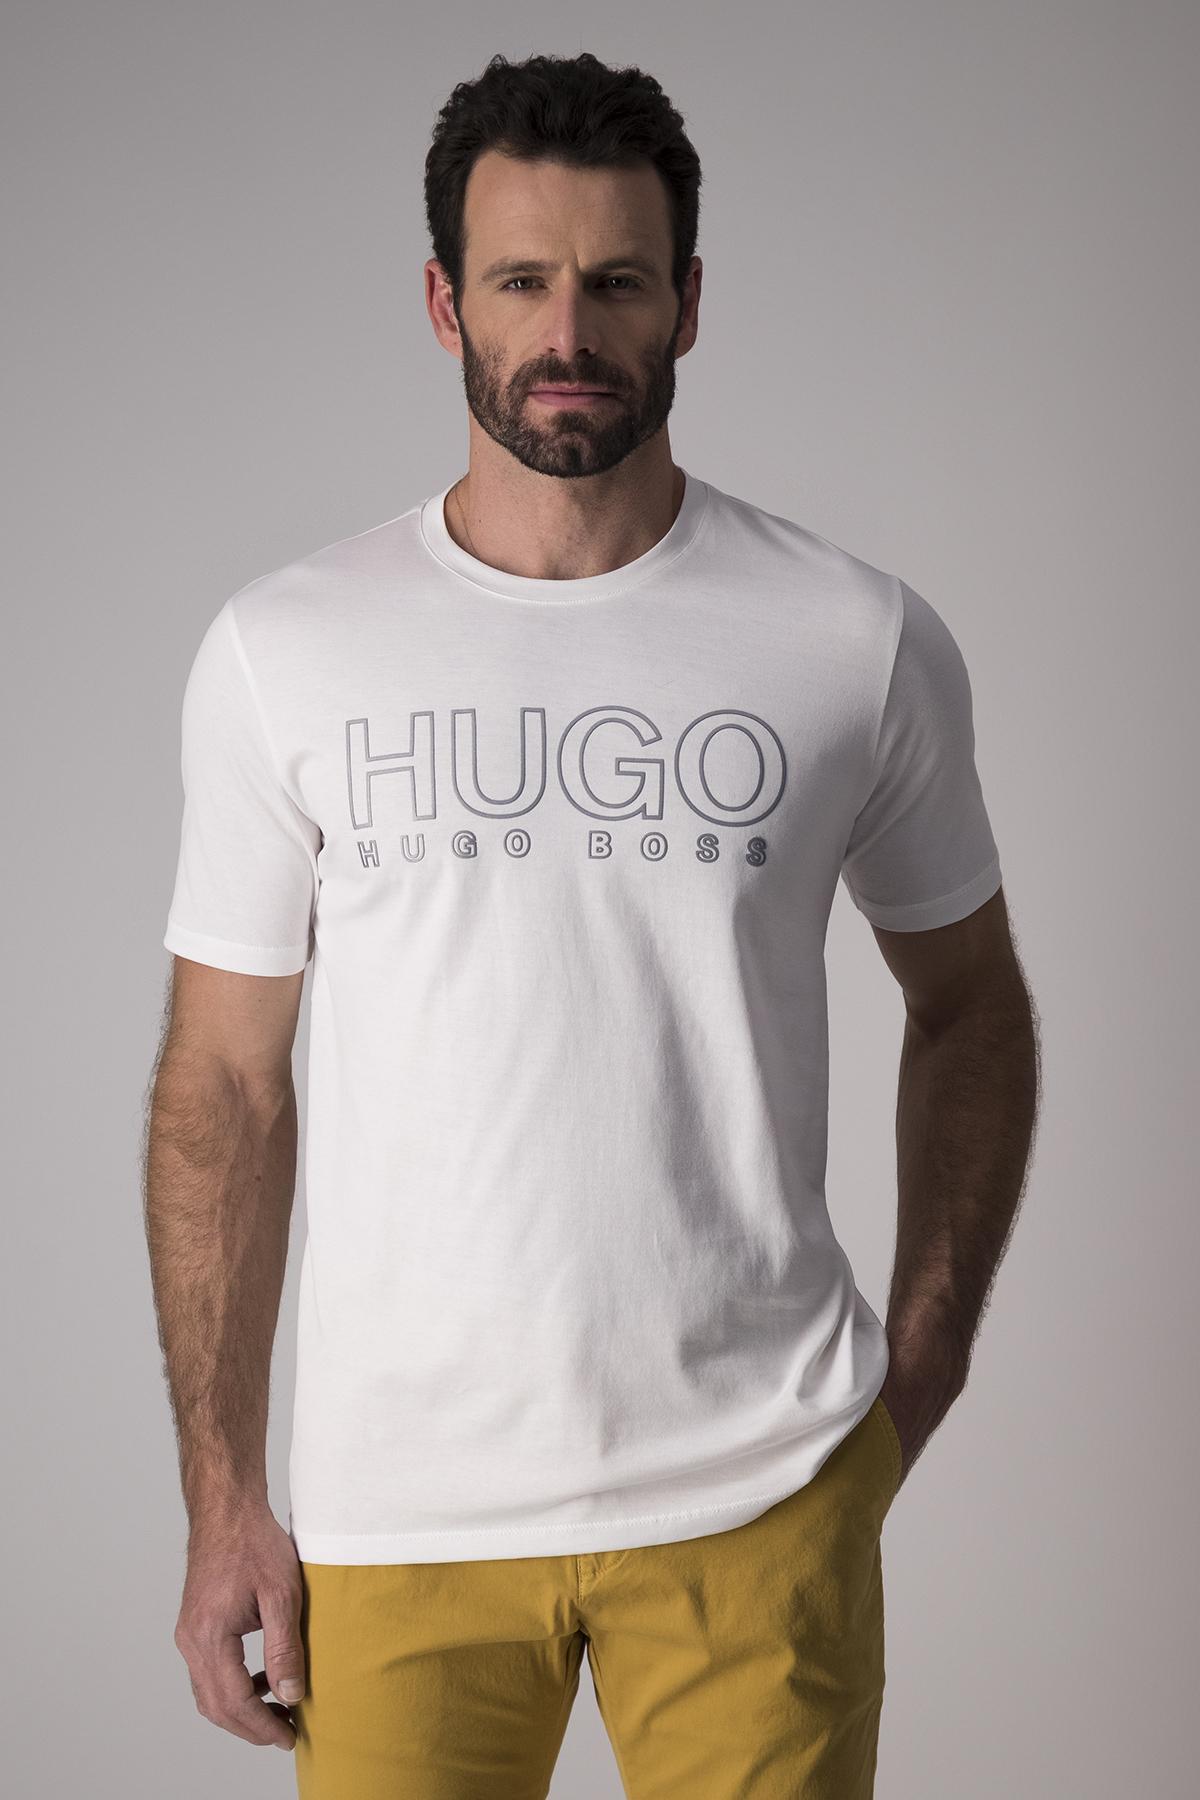 Playera Hugo Boss, slim fit, blanca con logo de marca en frente.